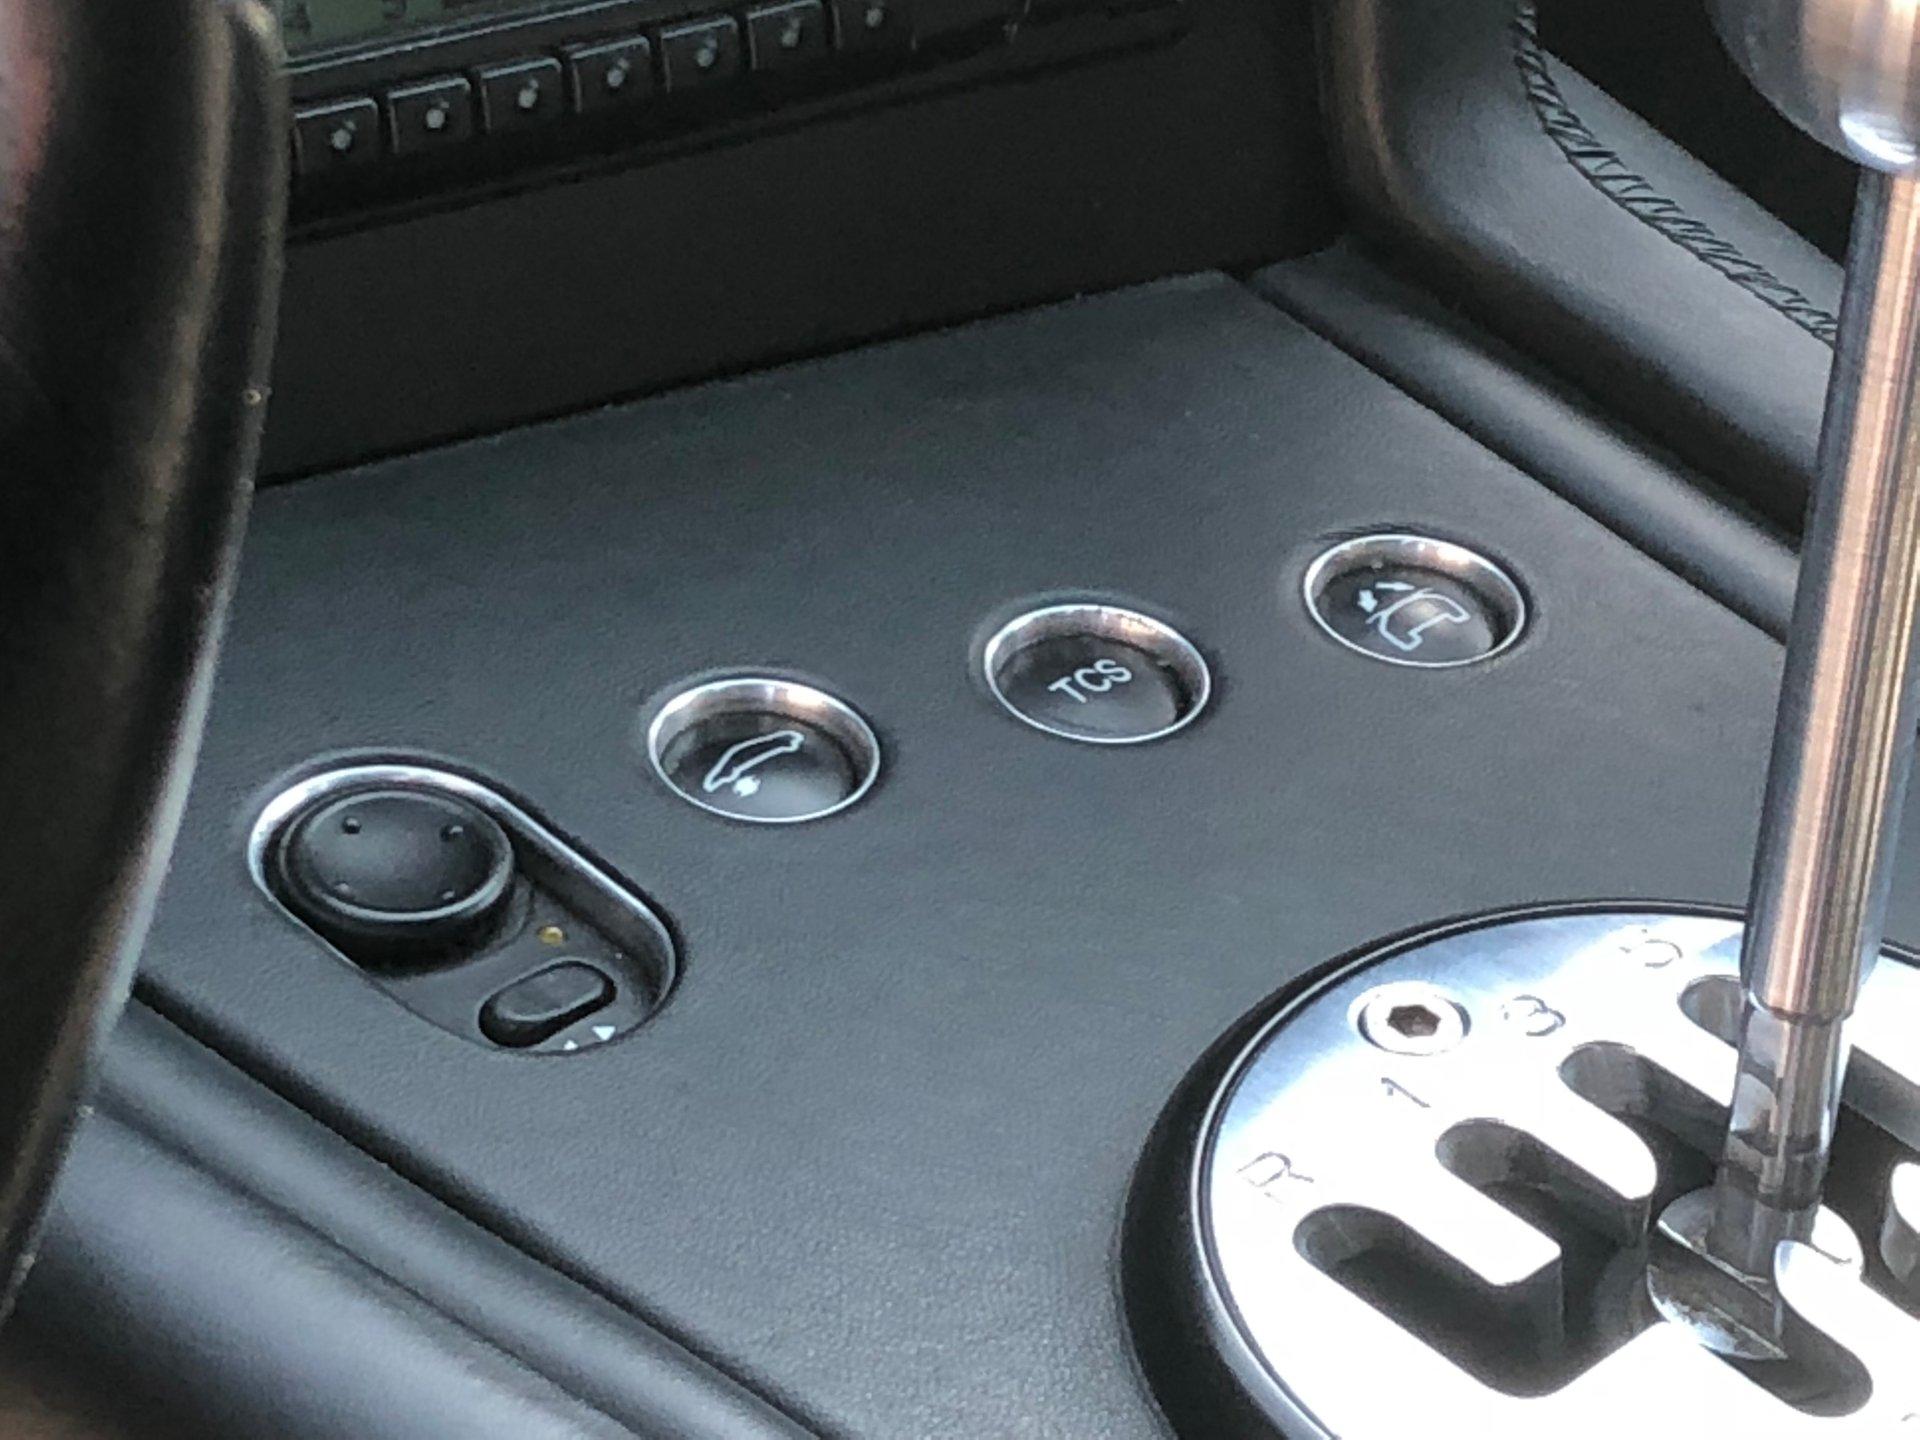 2003 Lamborghini Murcielago 6 2l 2dr Coupe For Sale 100537 Mcg